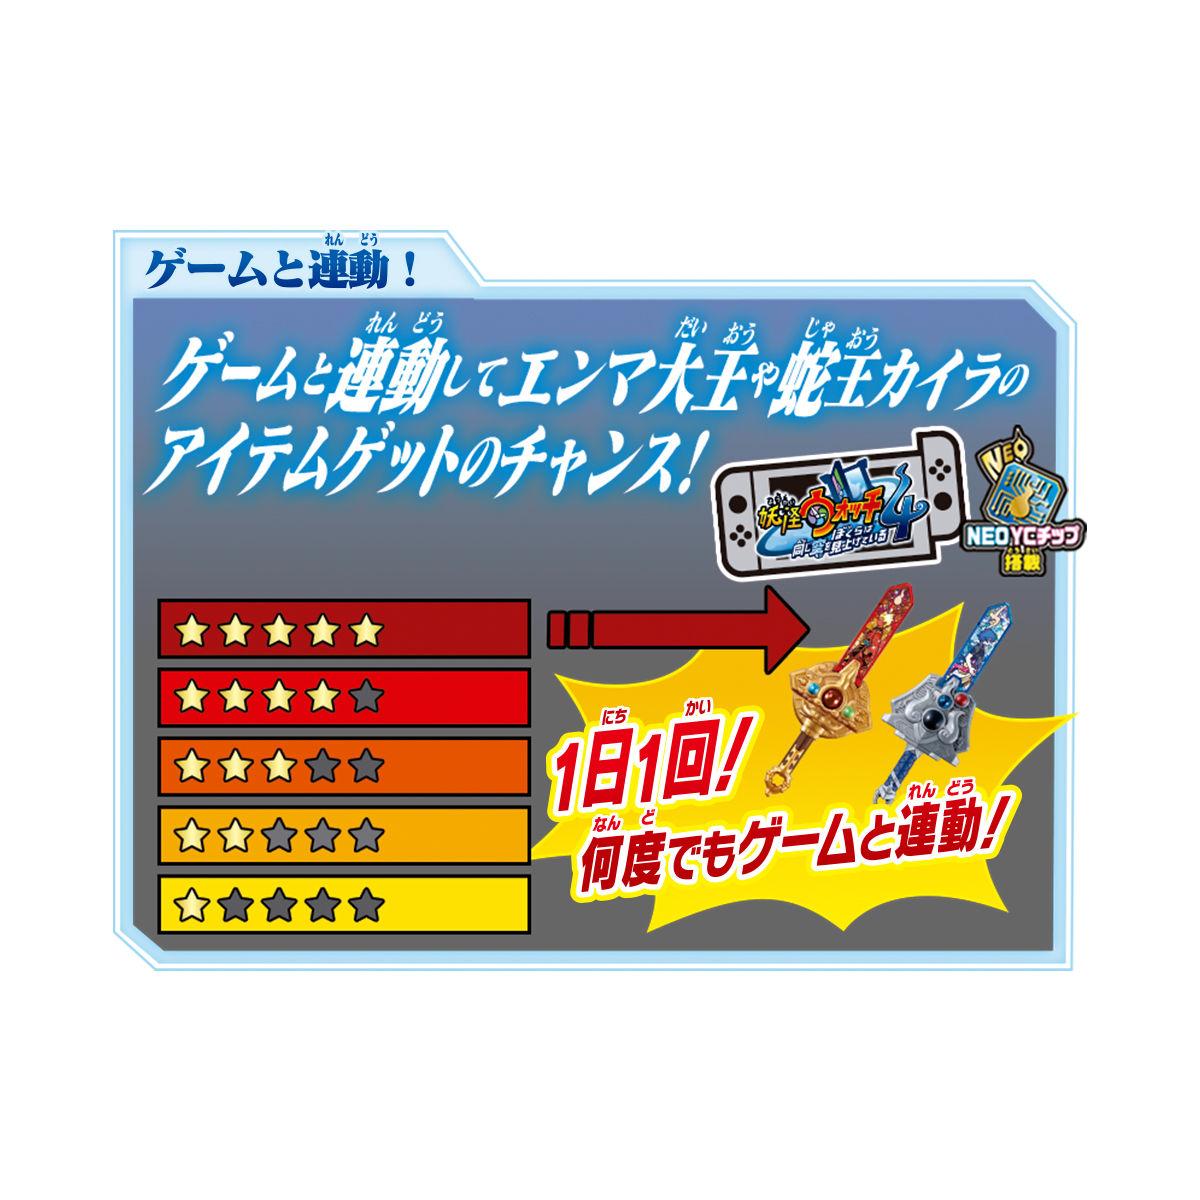 妖聖剣シリーズEX DXエンマブレード 妖聖剣&DXカイラ蛇王剣 妖聖剣